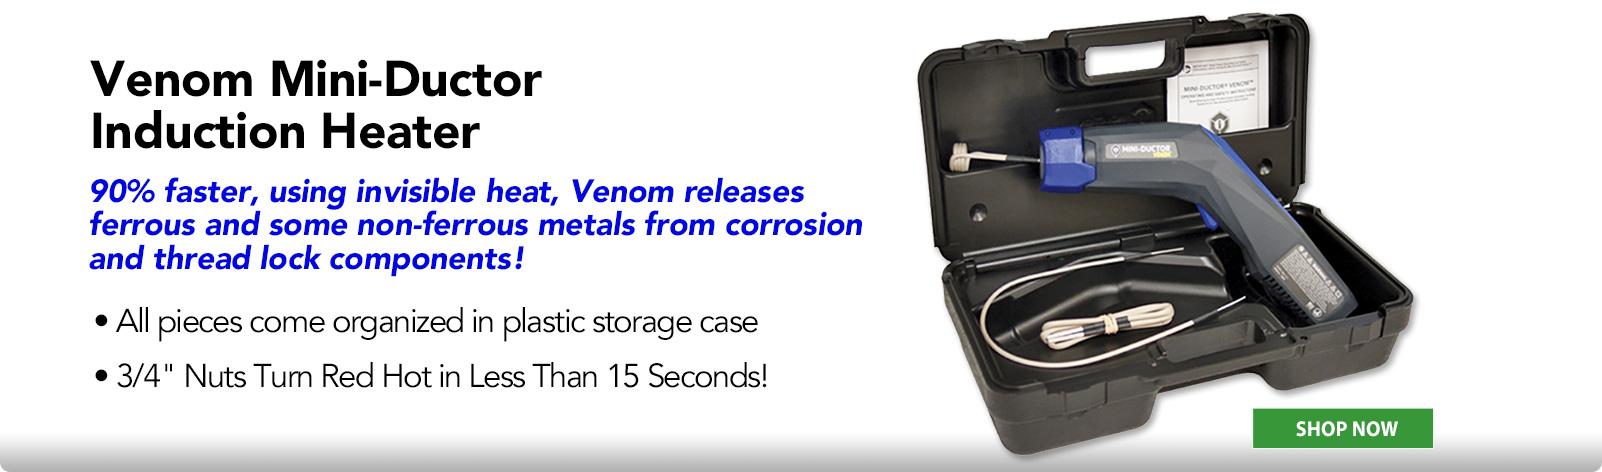 Venom Heat Induction